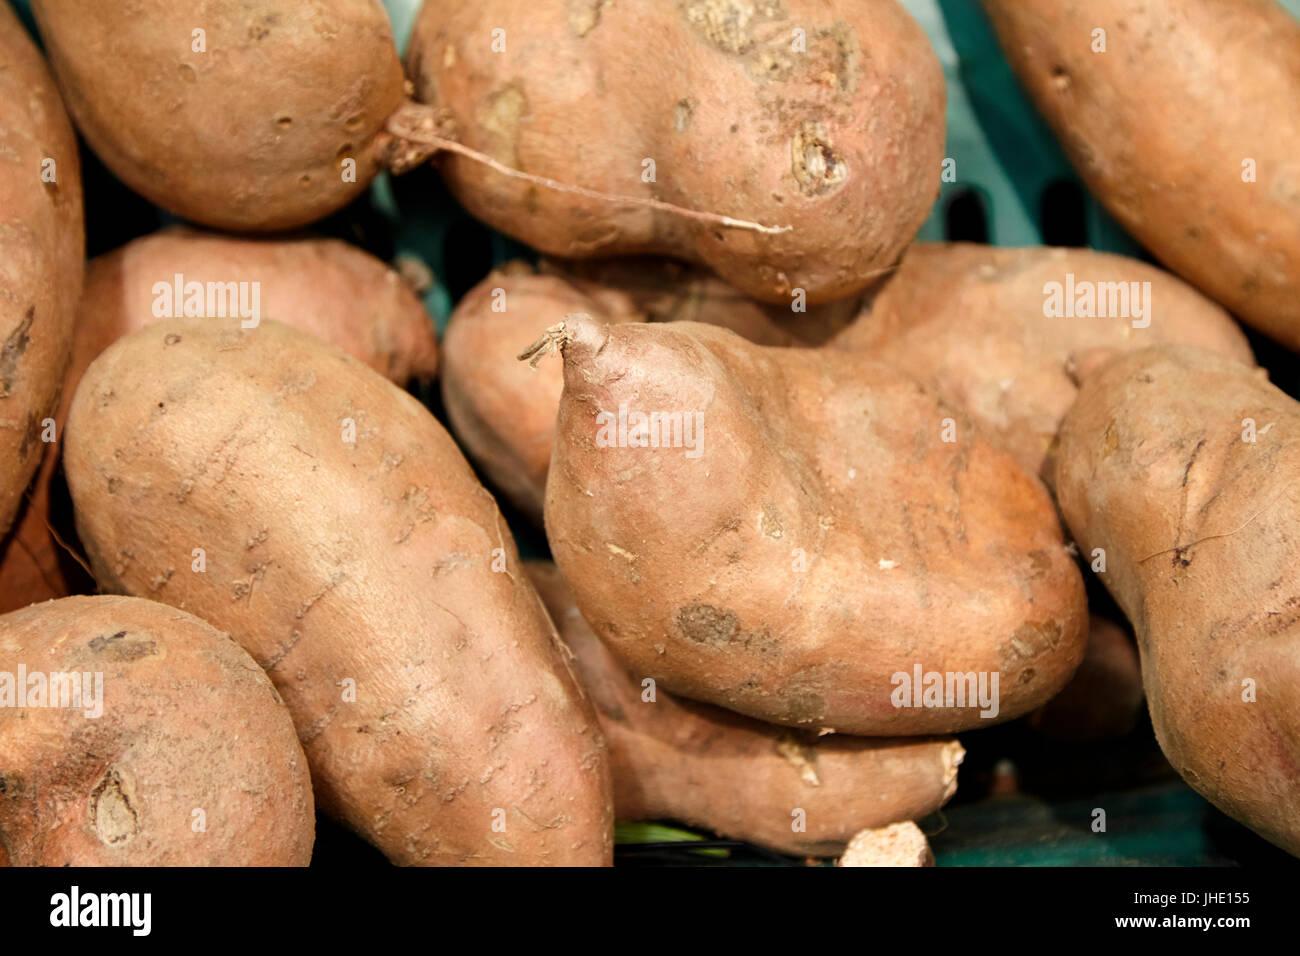 fresh sweet potatoes - Stock Image